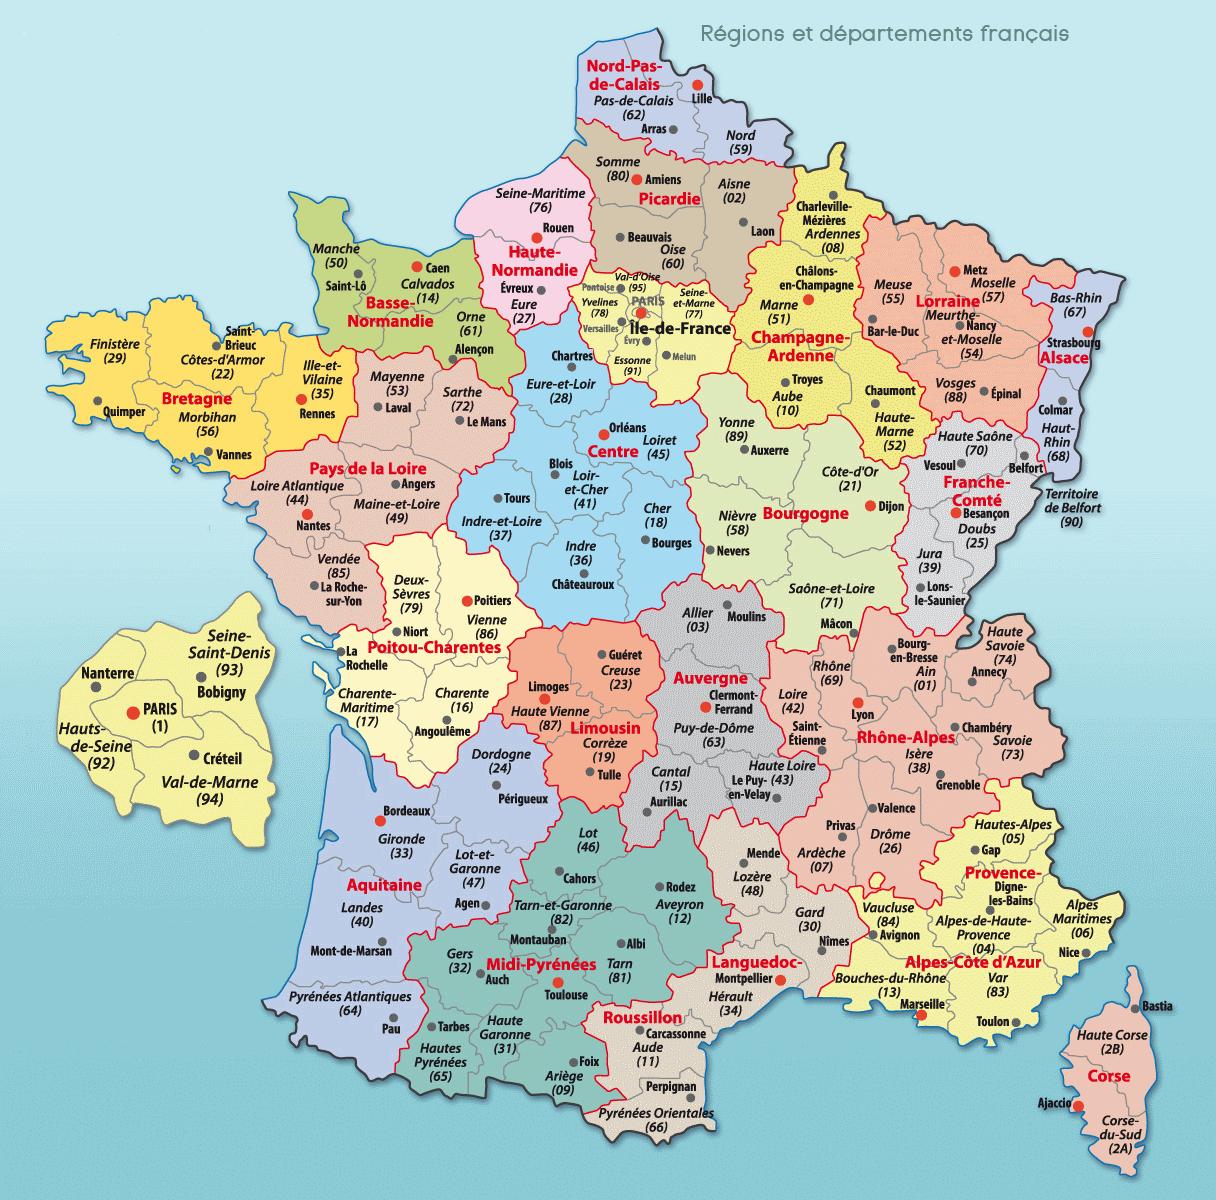 Cartes De France : Cartes Des Régions, Départements Et intérieur Image De La Carte De France